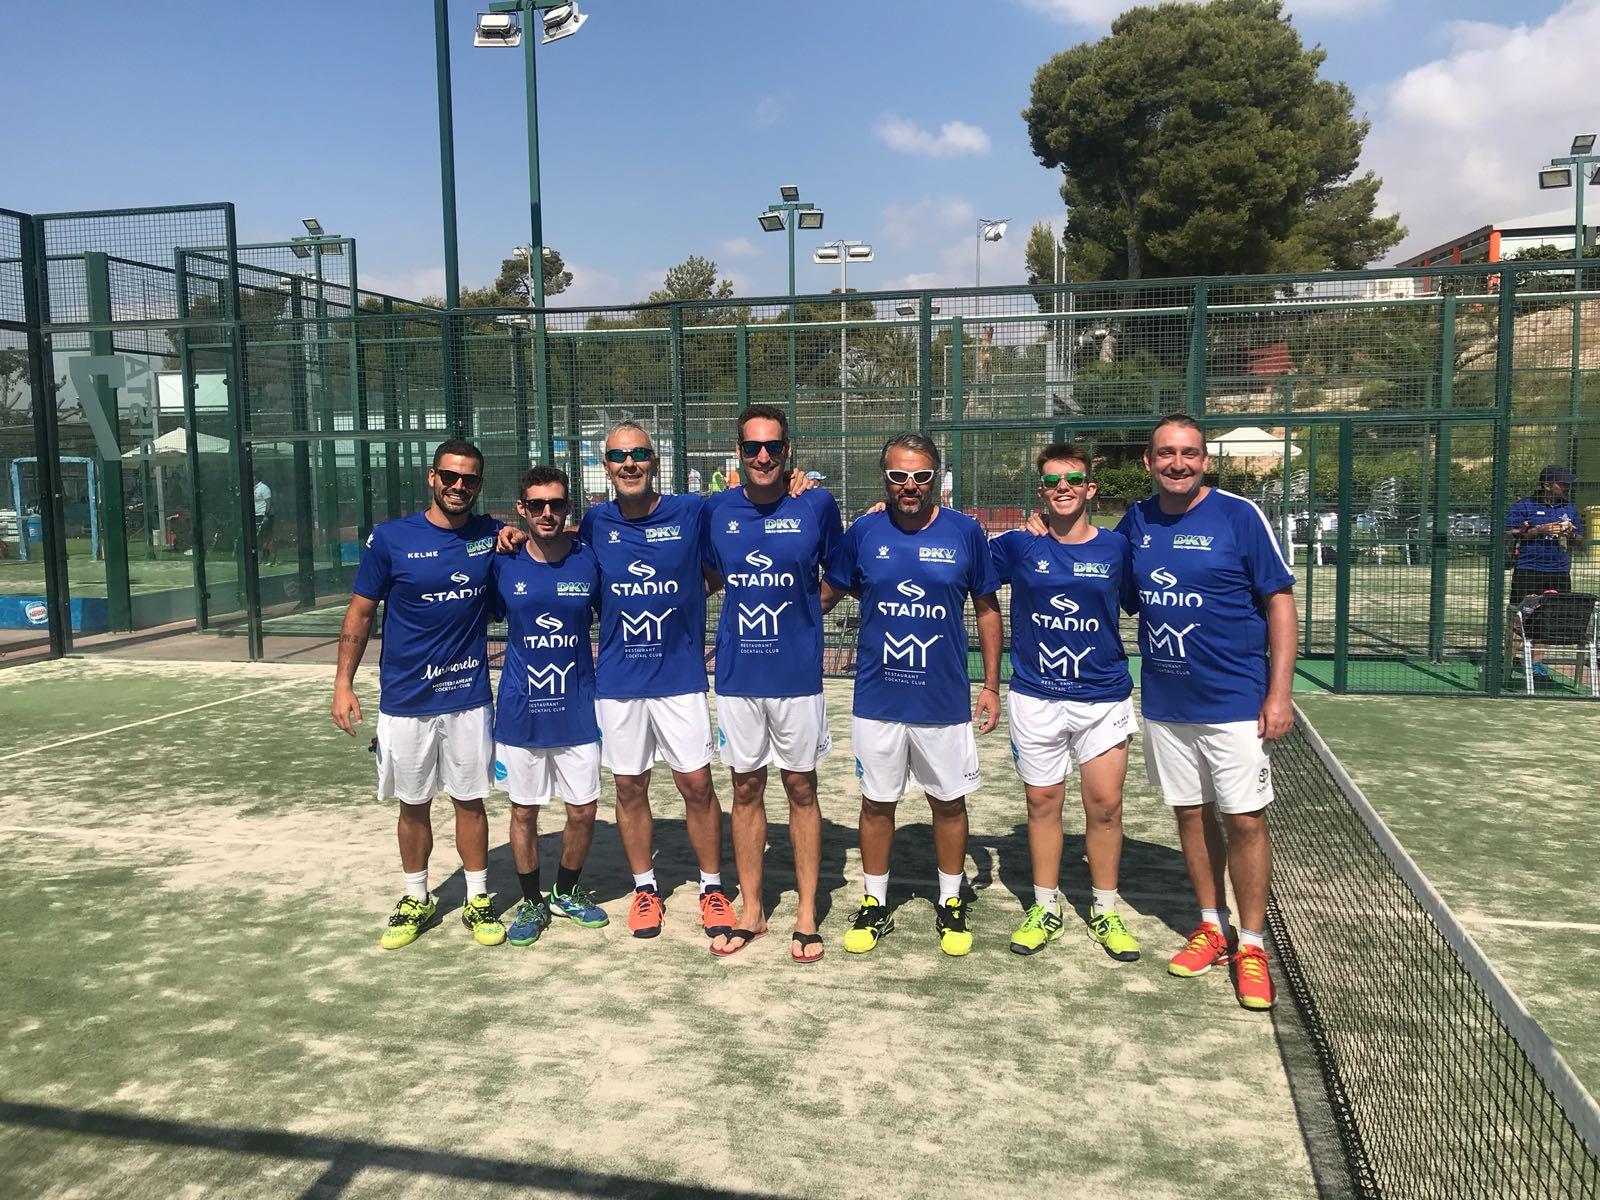 equipo-de-padel-de-stadio-2018-9